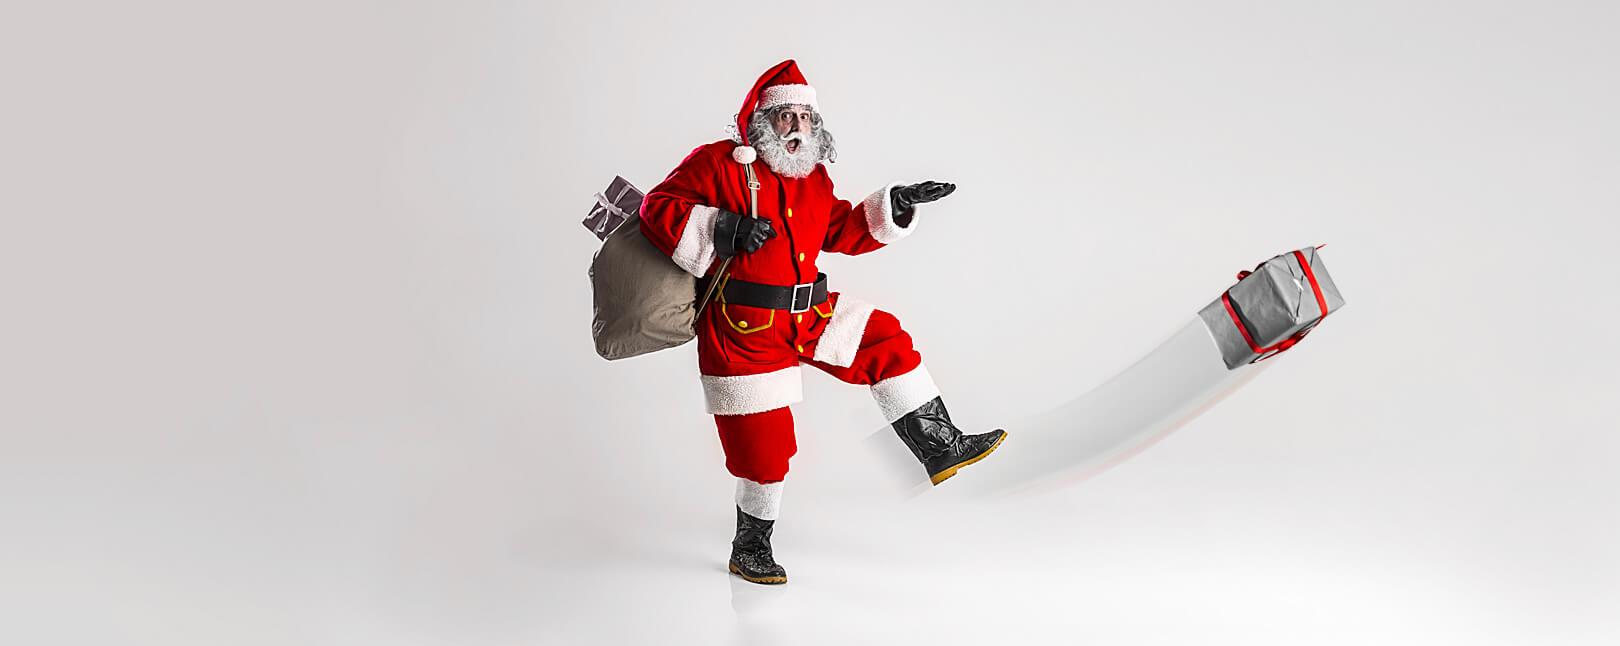 2019 Holiday Sales Kickoff